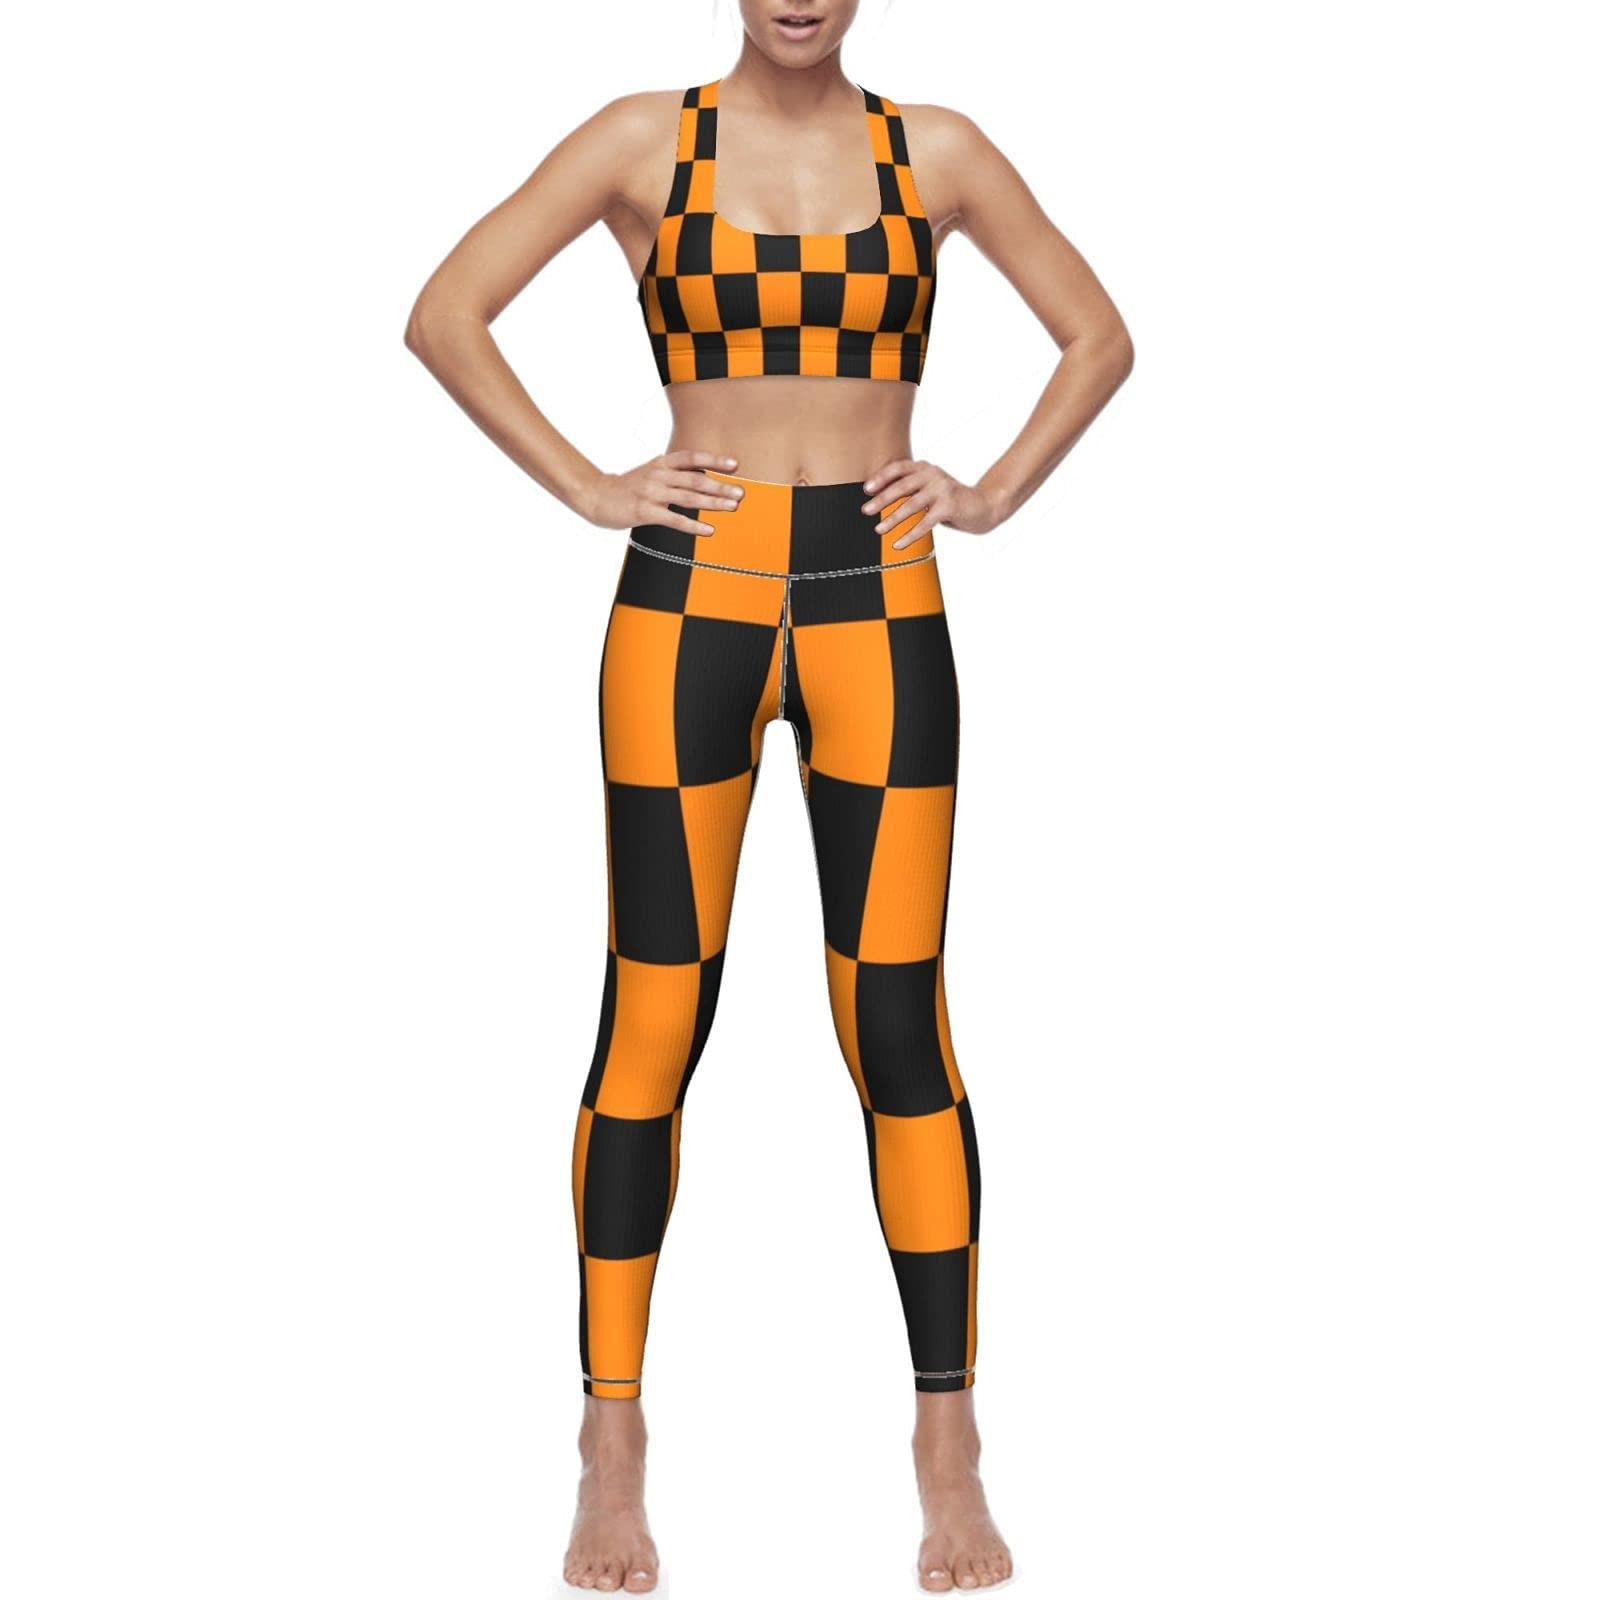 Женская одежда для йоги, костюм из двух предметов, желто-черные шахматные колготки в клетку с абстрактным фоном и накладкой на грудь s-xxl